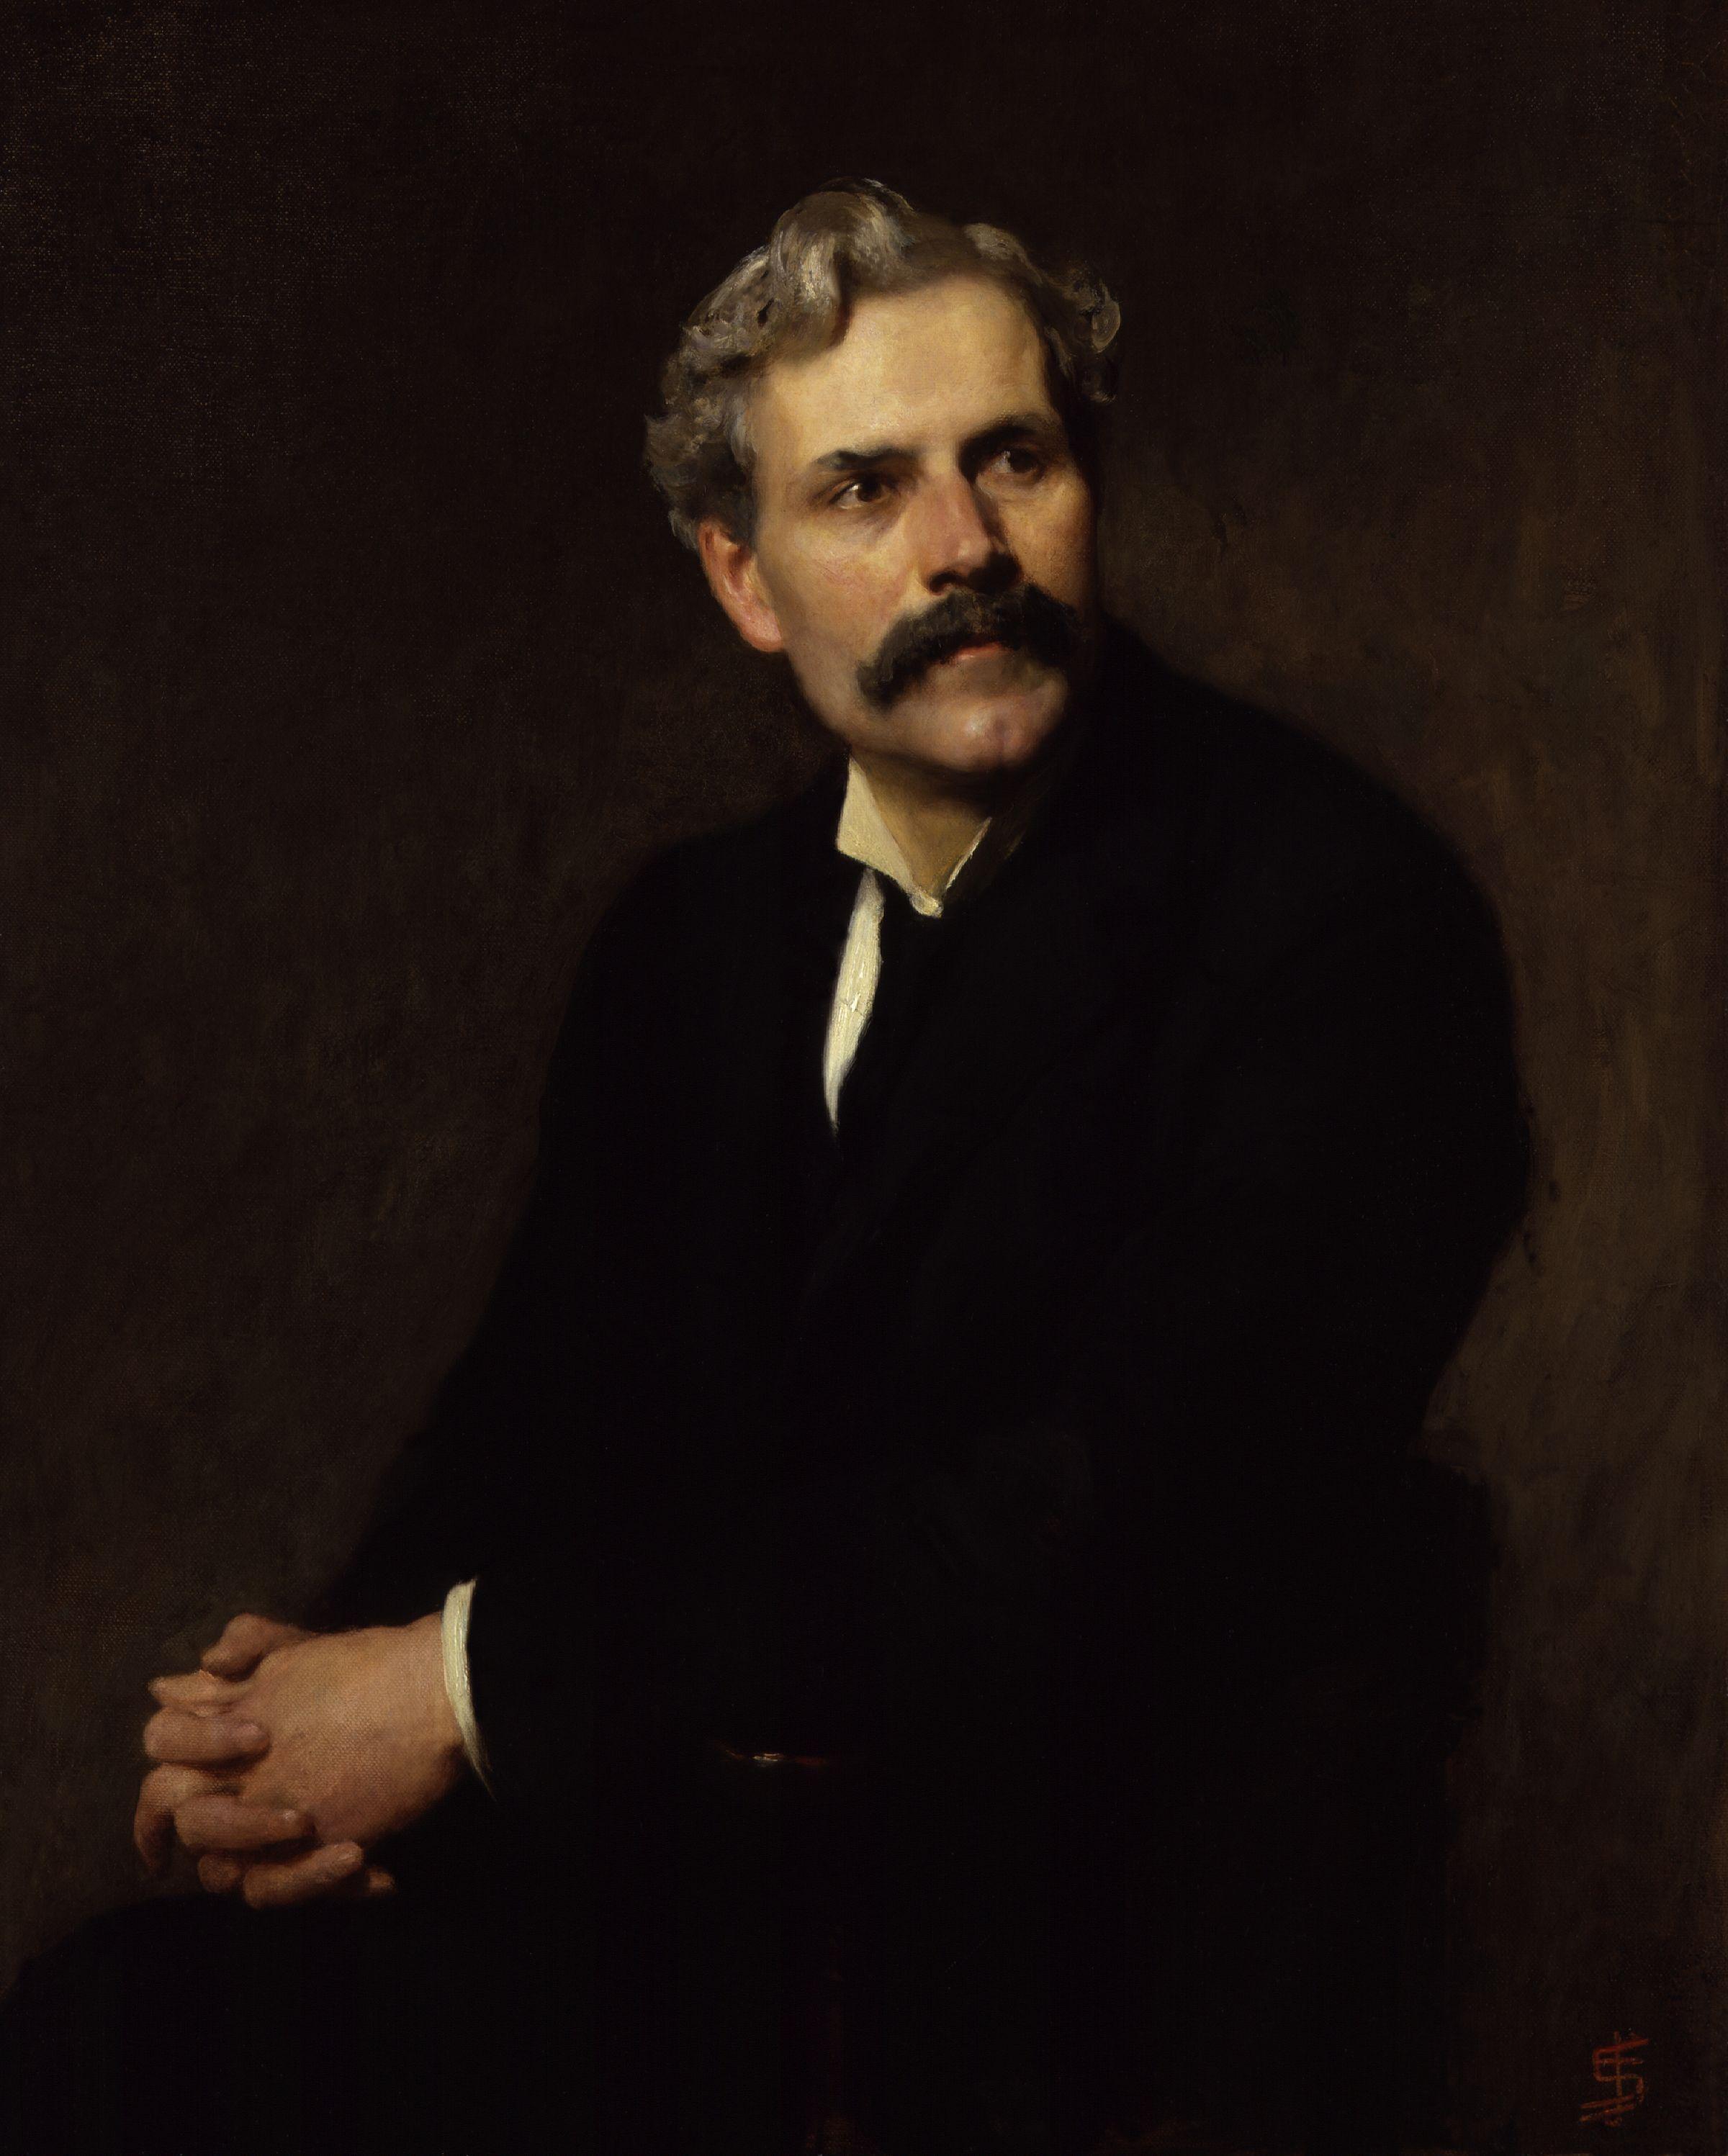 Ramsay MacDonald - Wikipedia, the free encyclopedia